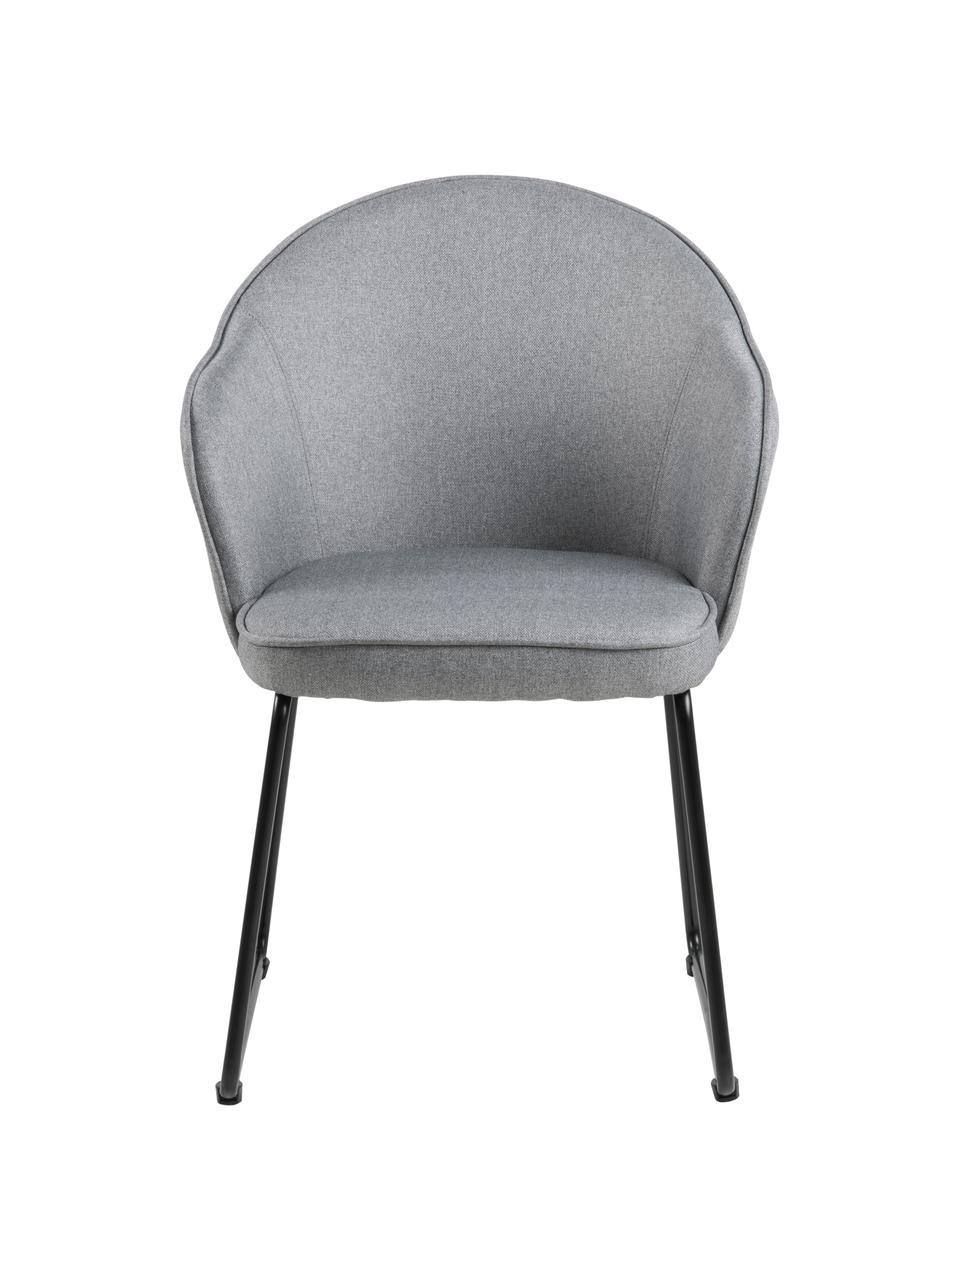 Sedia con braccioli  Mitzie, Rivestimento: poliestere Con 25.000 cic, Gambe: metallo verniciato, Tessuto grigio chiaro, gambe nero, Larg. 57 x Prof. 59 cm